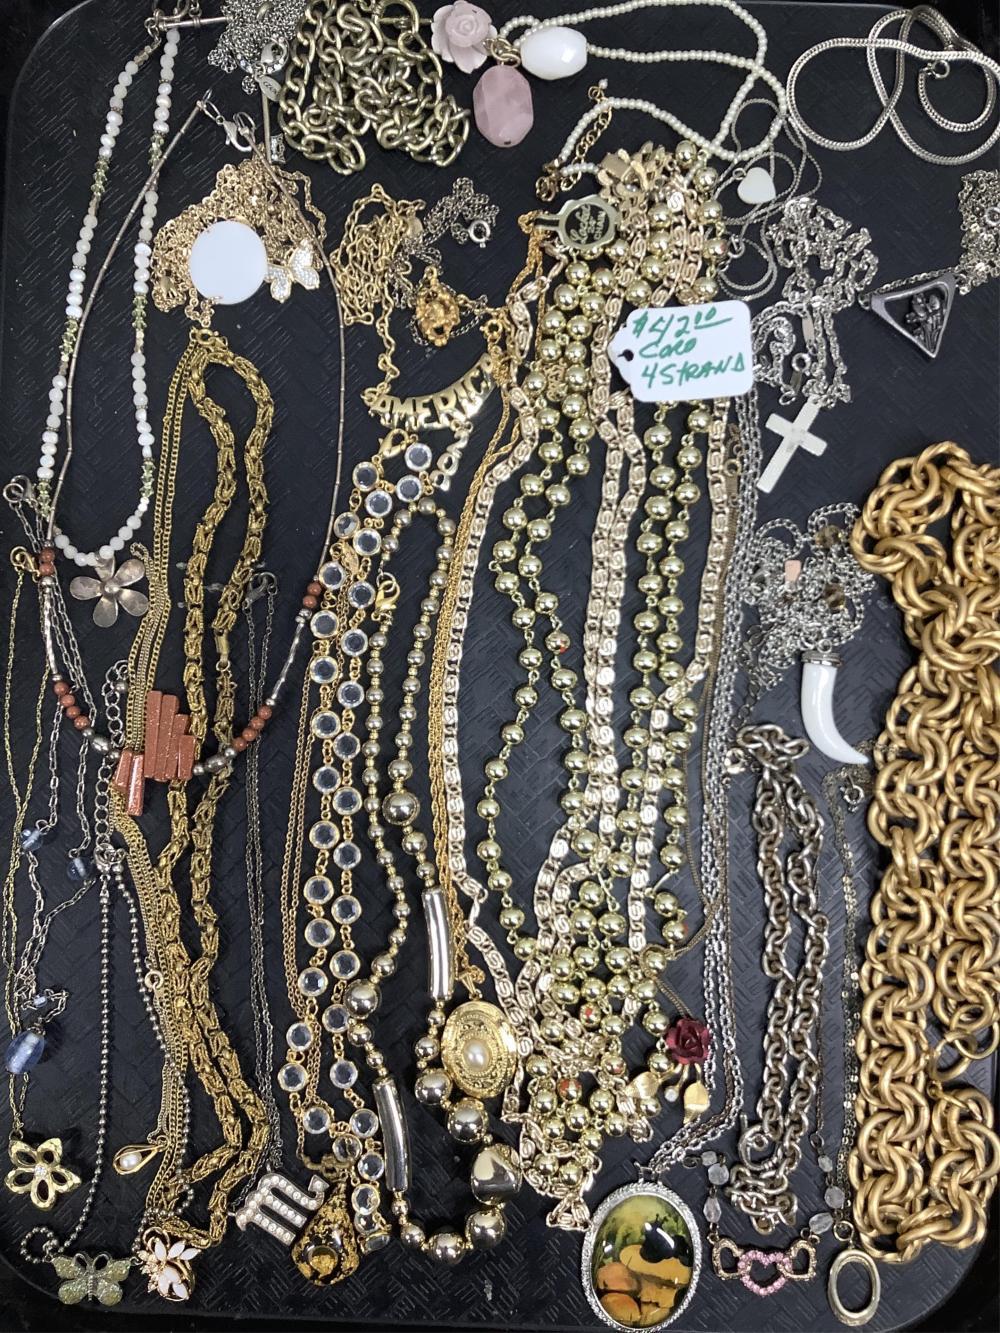 Costume Jewelry Necklaces